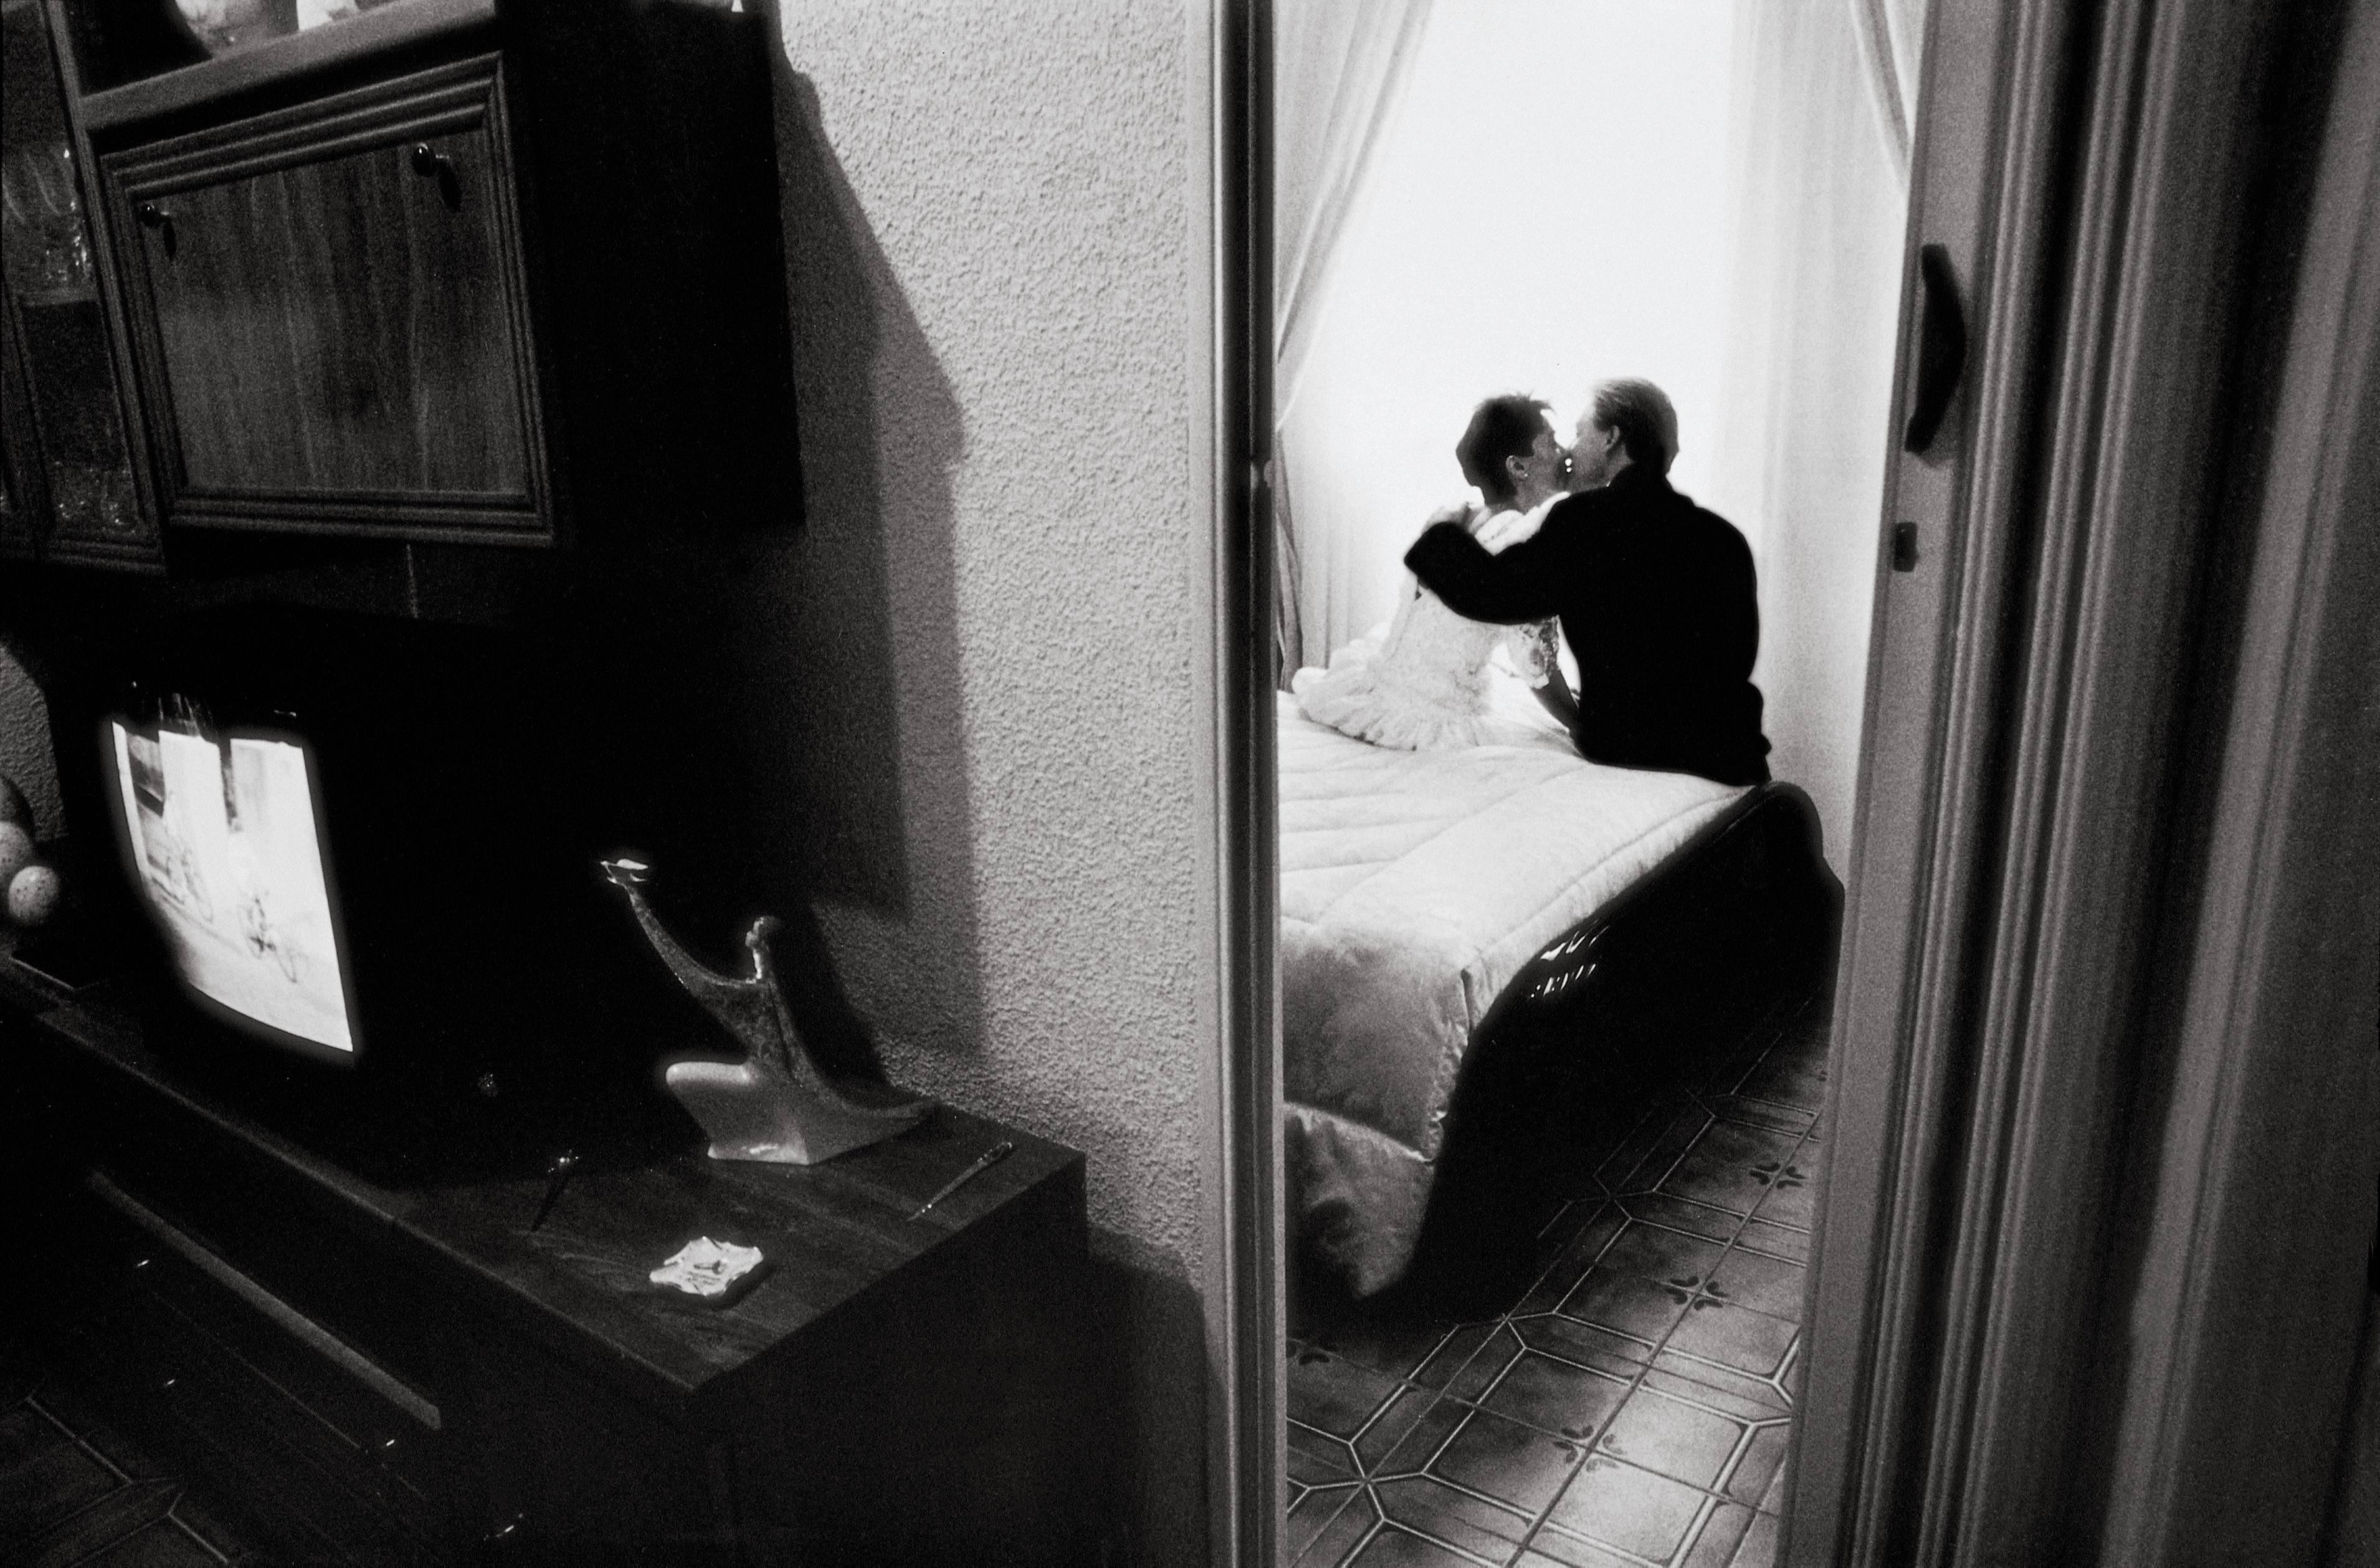 Le 10 frasi che non dovete mai pronunciare a letto con il partner giornalettismo - Frasi porche a letto ...